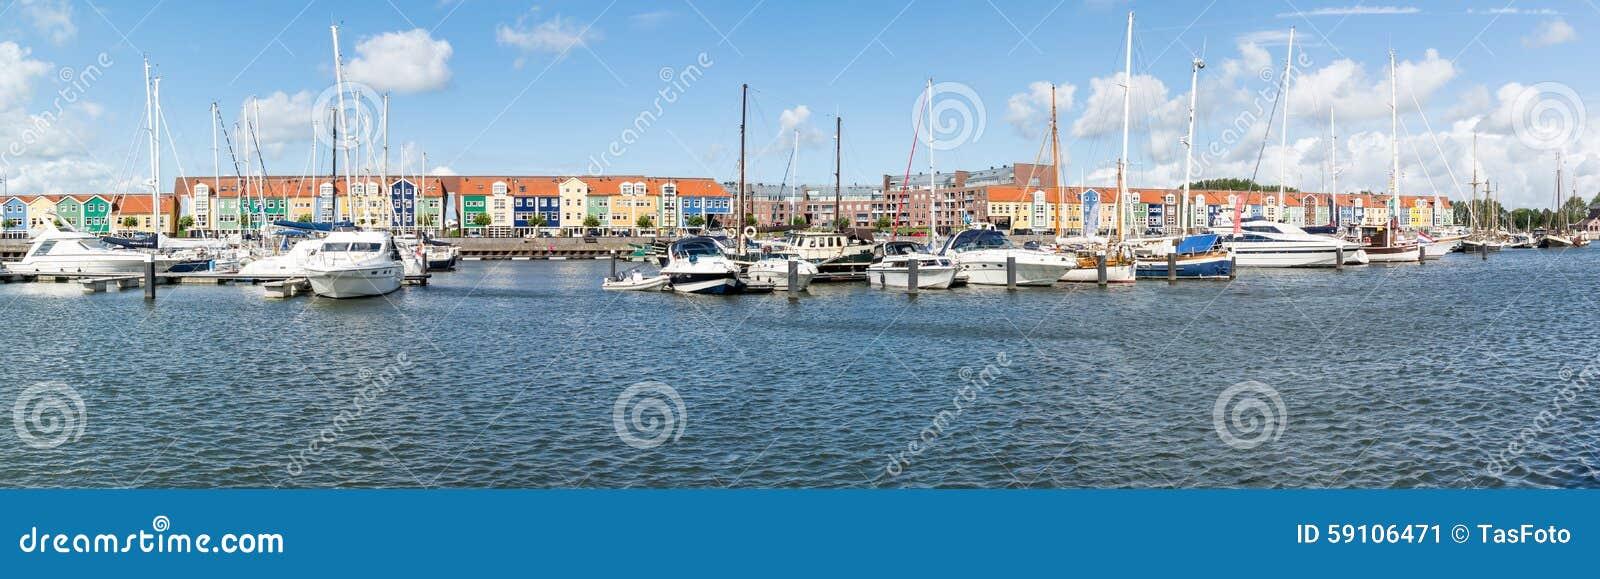 全景港口赫勒富茨劳斯,荷兰